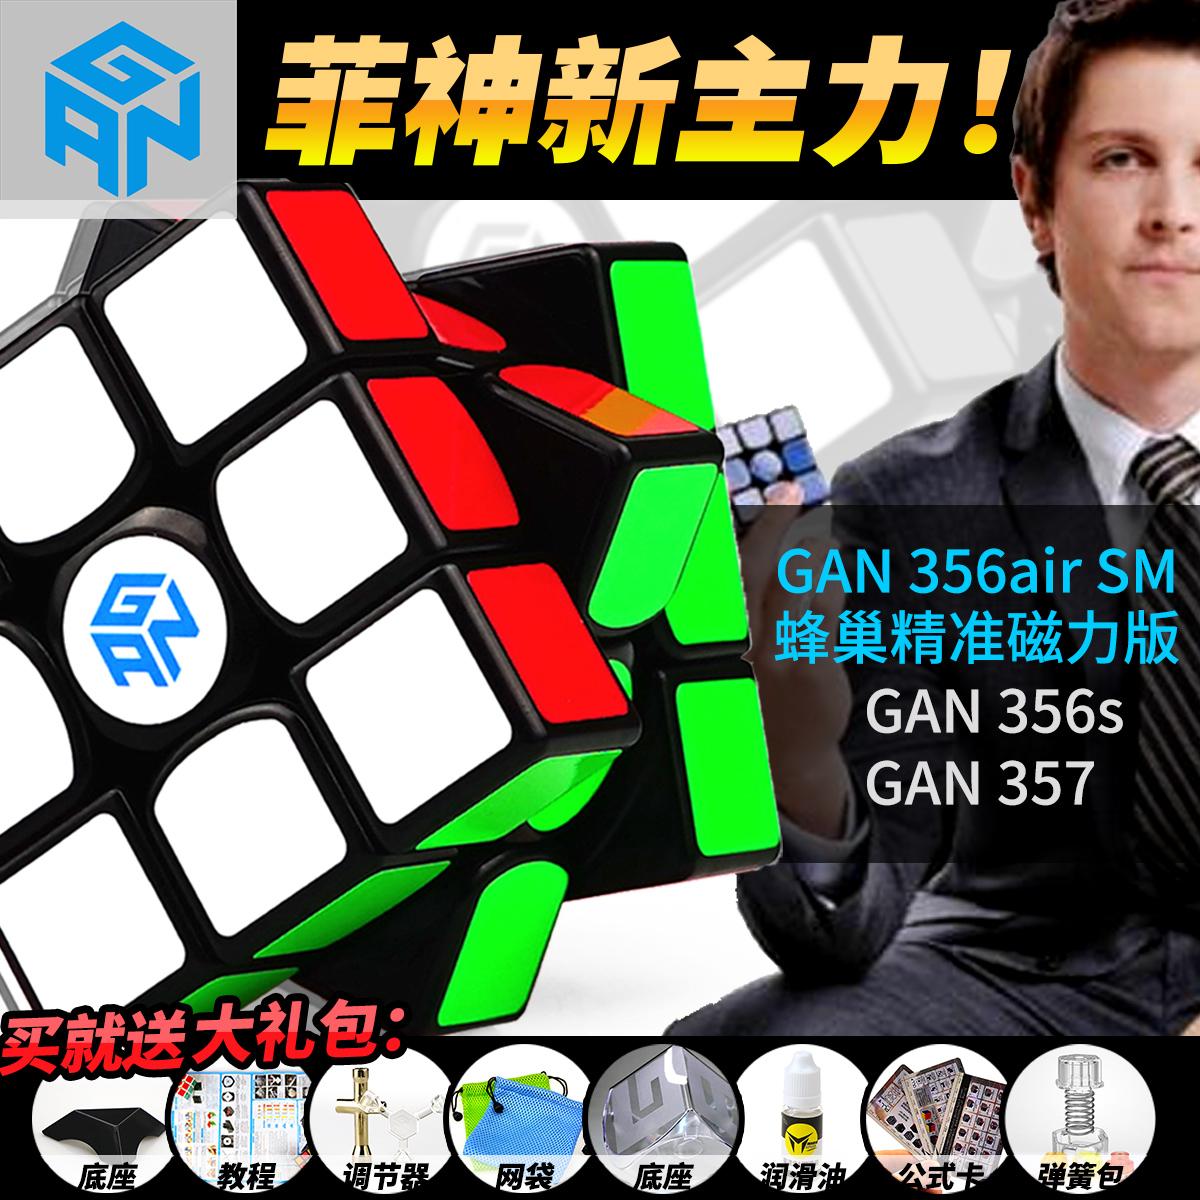 Gan356魔方三阶GAN356air限量薄荷绿UM魔方3阶SM磁力专业比赛菲神